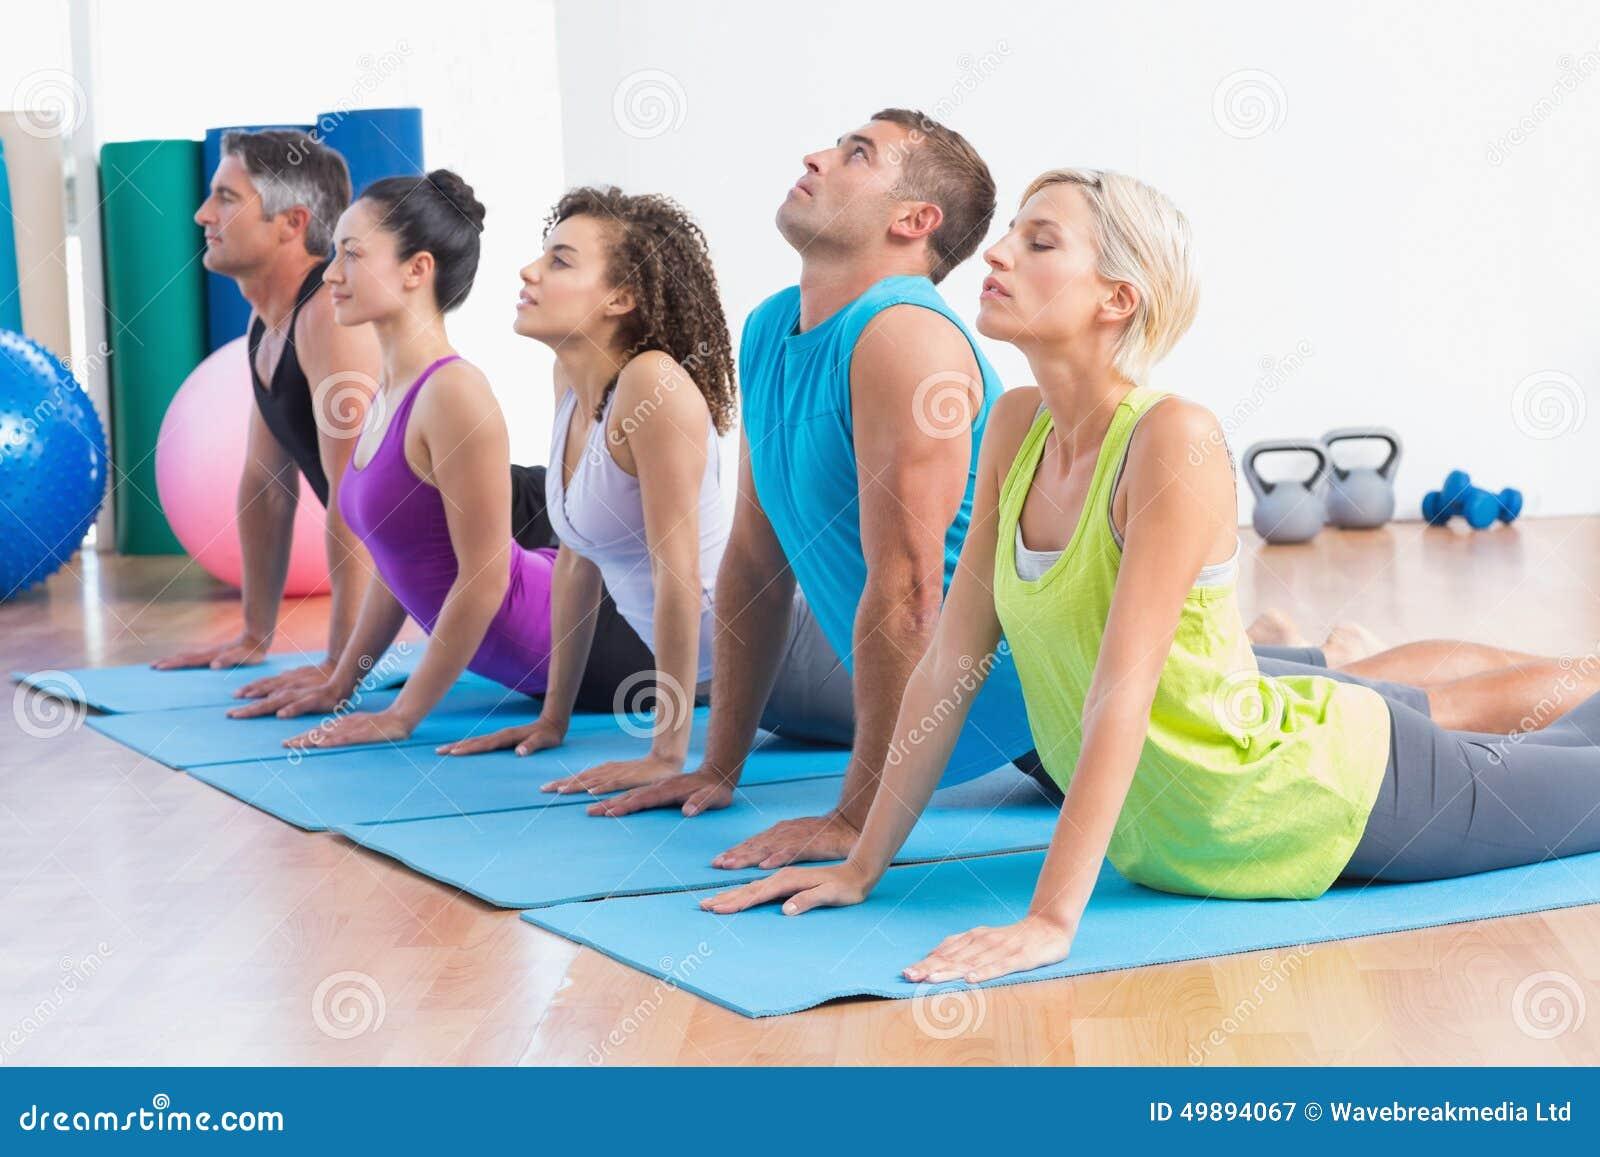 Leute, die Yogaausdehnung im Sportunterricht tun